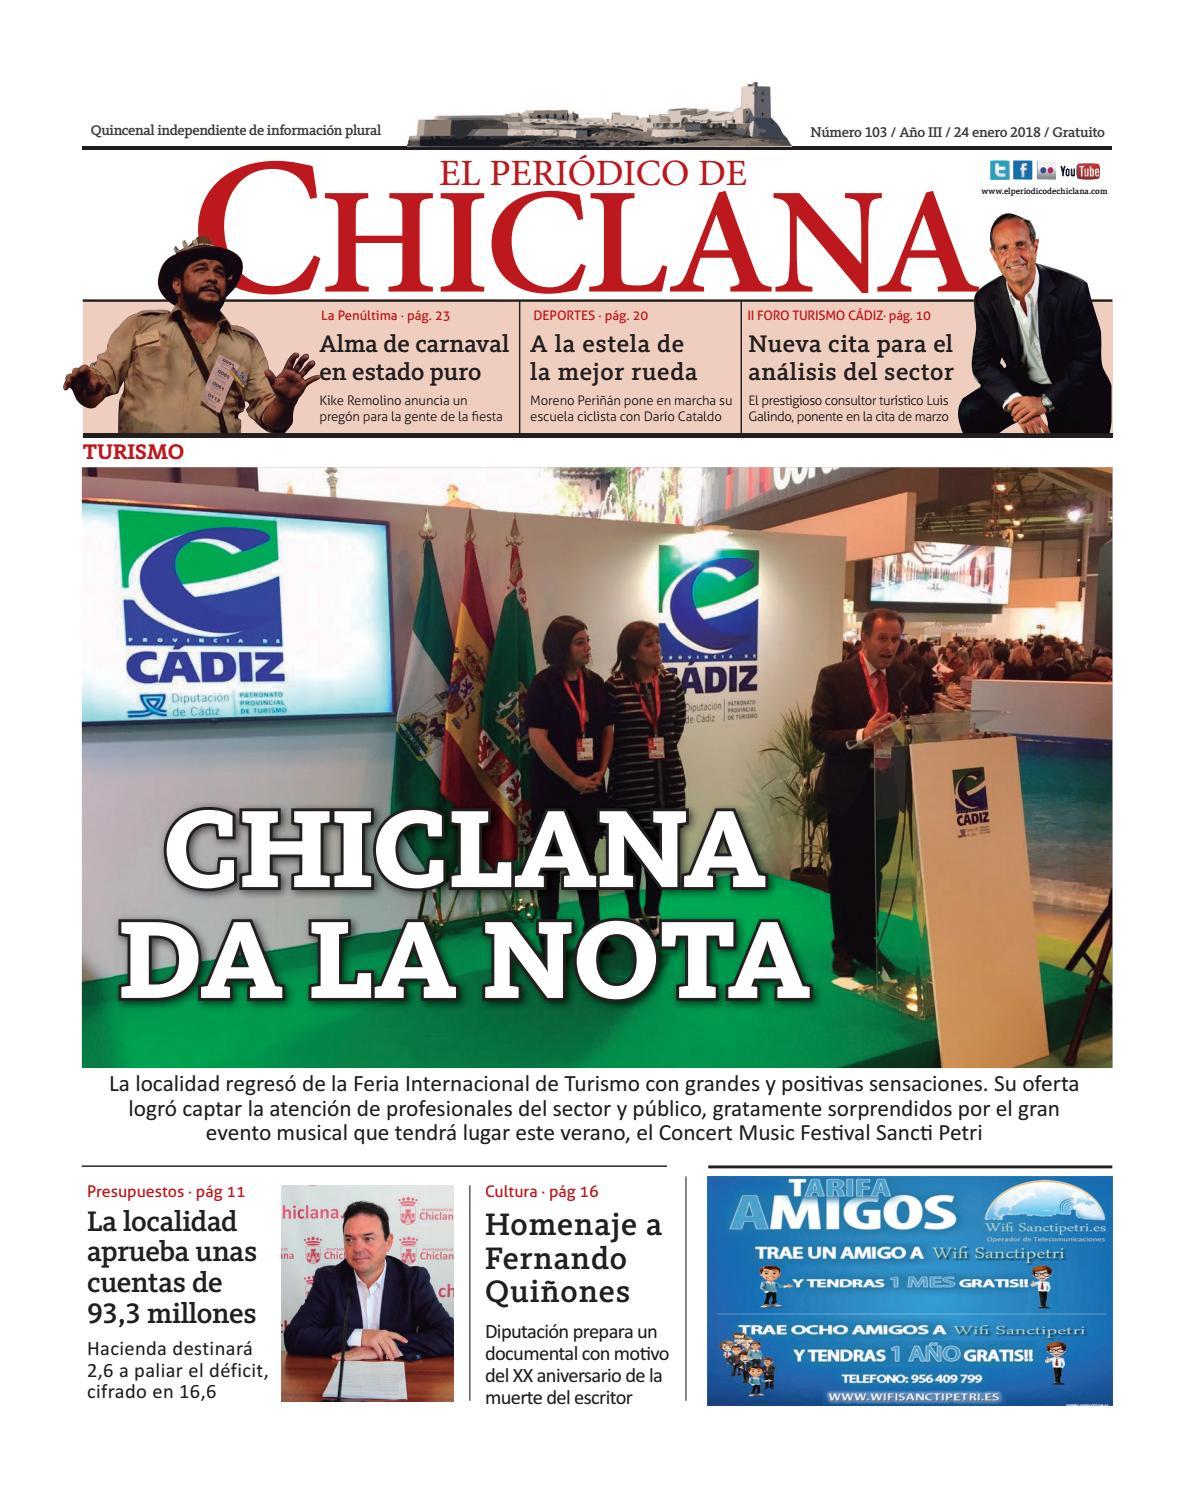 El Periódico de Chiclana nº103 by El Periódico de Chiclana - issuu